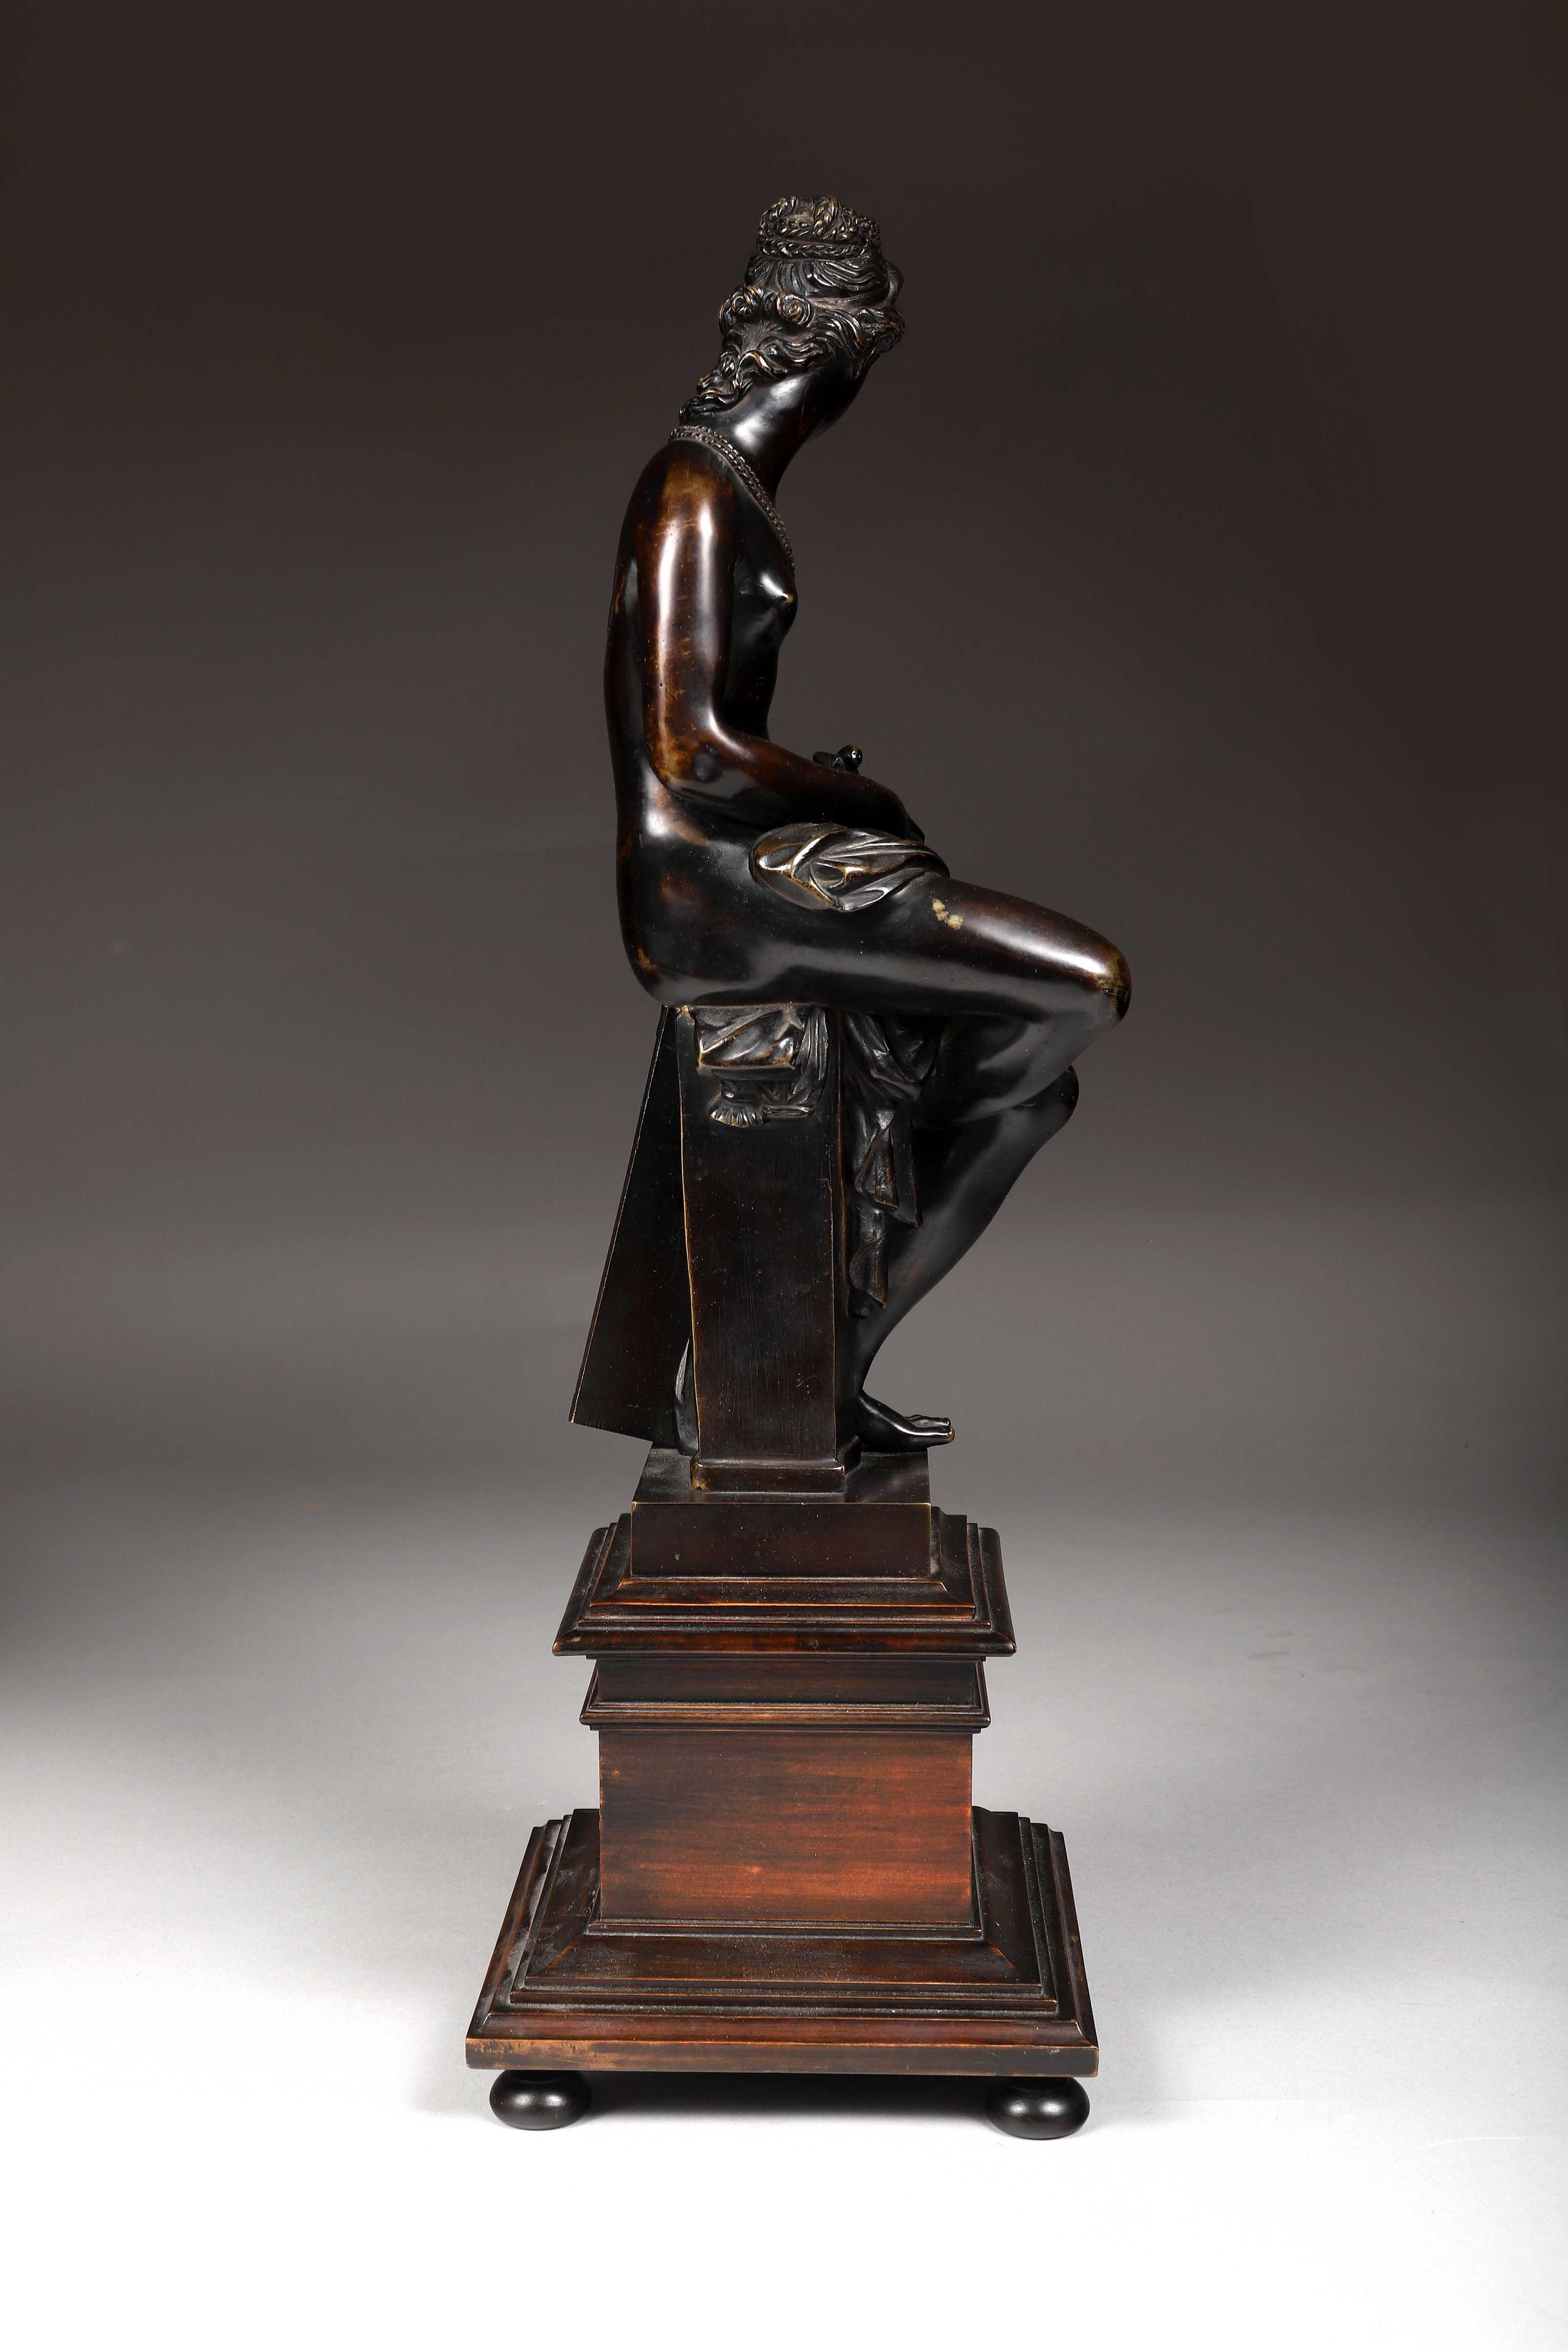 Los 51 - Allégorie de l'Architecture en bronze patiné. Socle en bois noirci. Italie, XIXème [...]